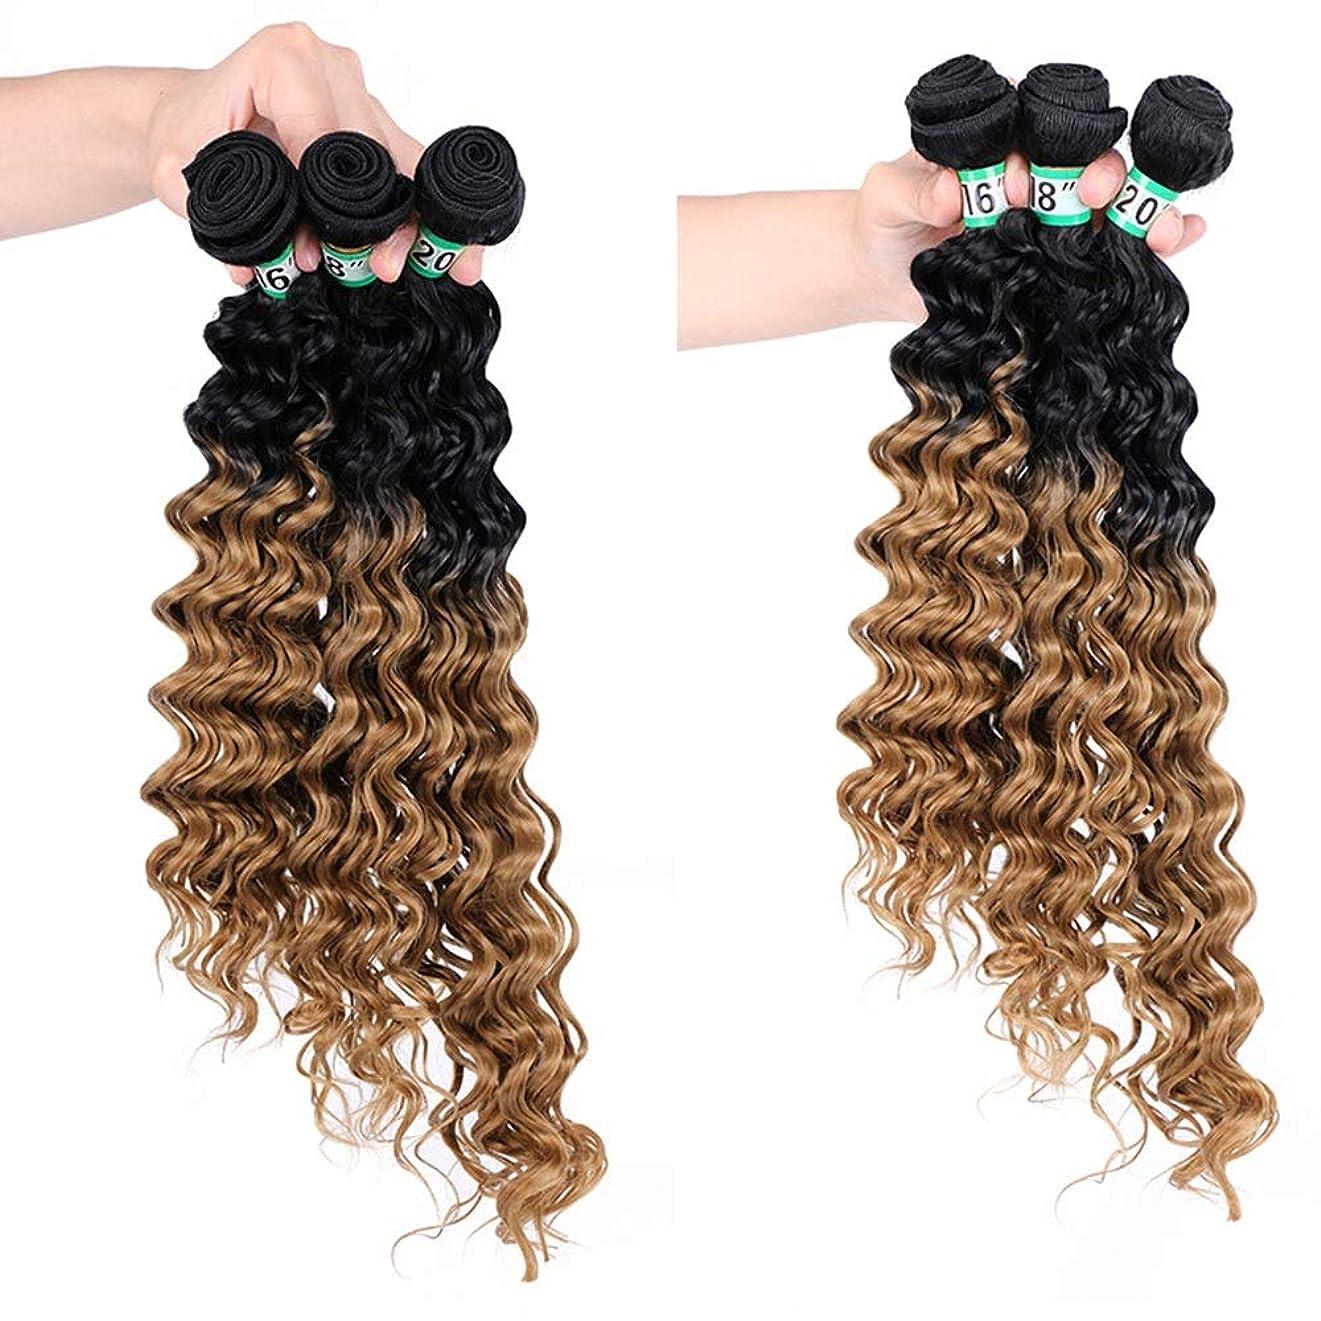 ウガンダバッテリー銃YESONEEP ディープカーリーウェーブ3バンドルブラジルのヘアエクステンション - T1 / 27#茶色の合成髪レースかつらロールプレイングかつらロングとショートの女性自然 (色 : ブラウン, サイズ : 16